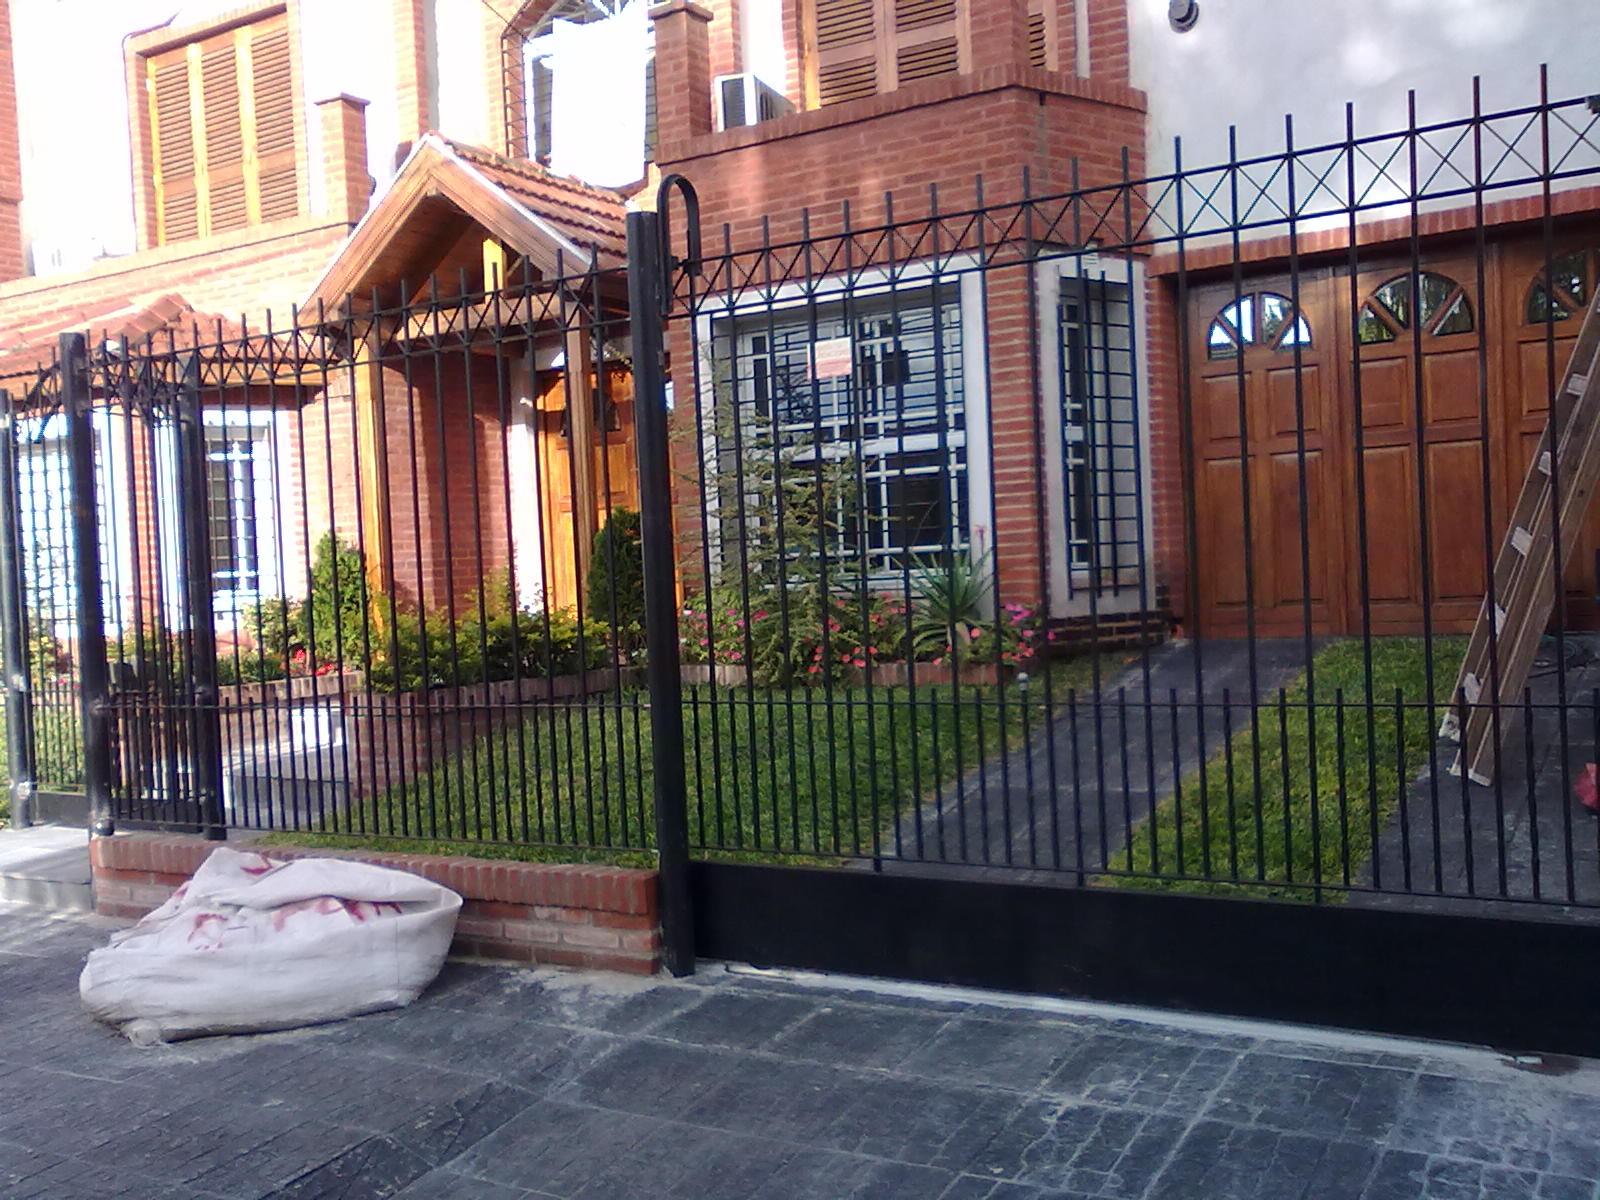 Herreria lomas rejas para frente de casa for Puertas para frente de casa fotos